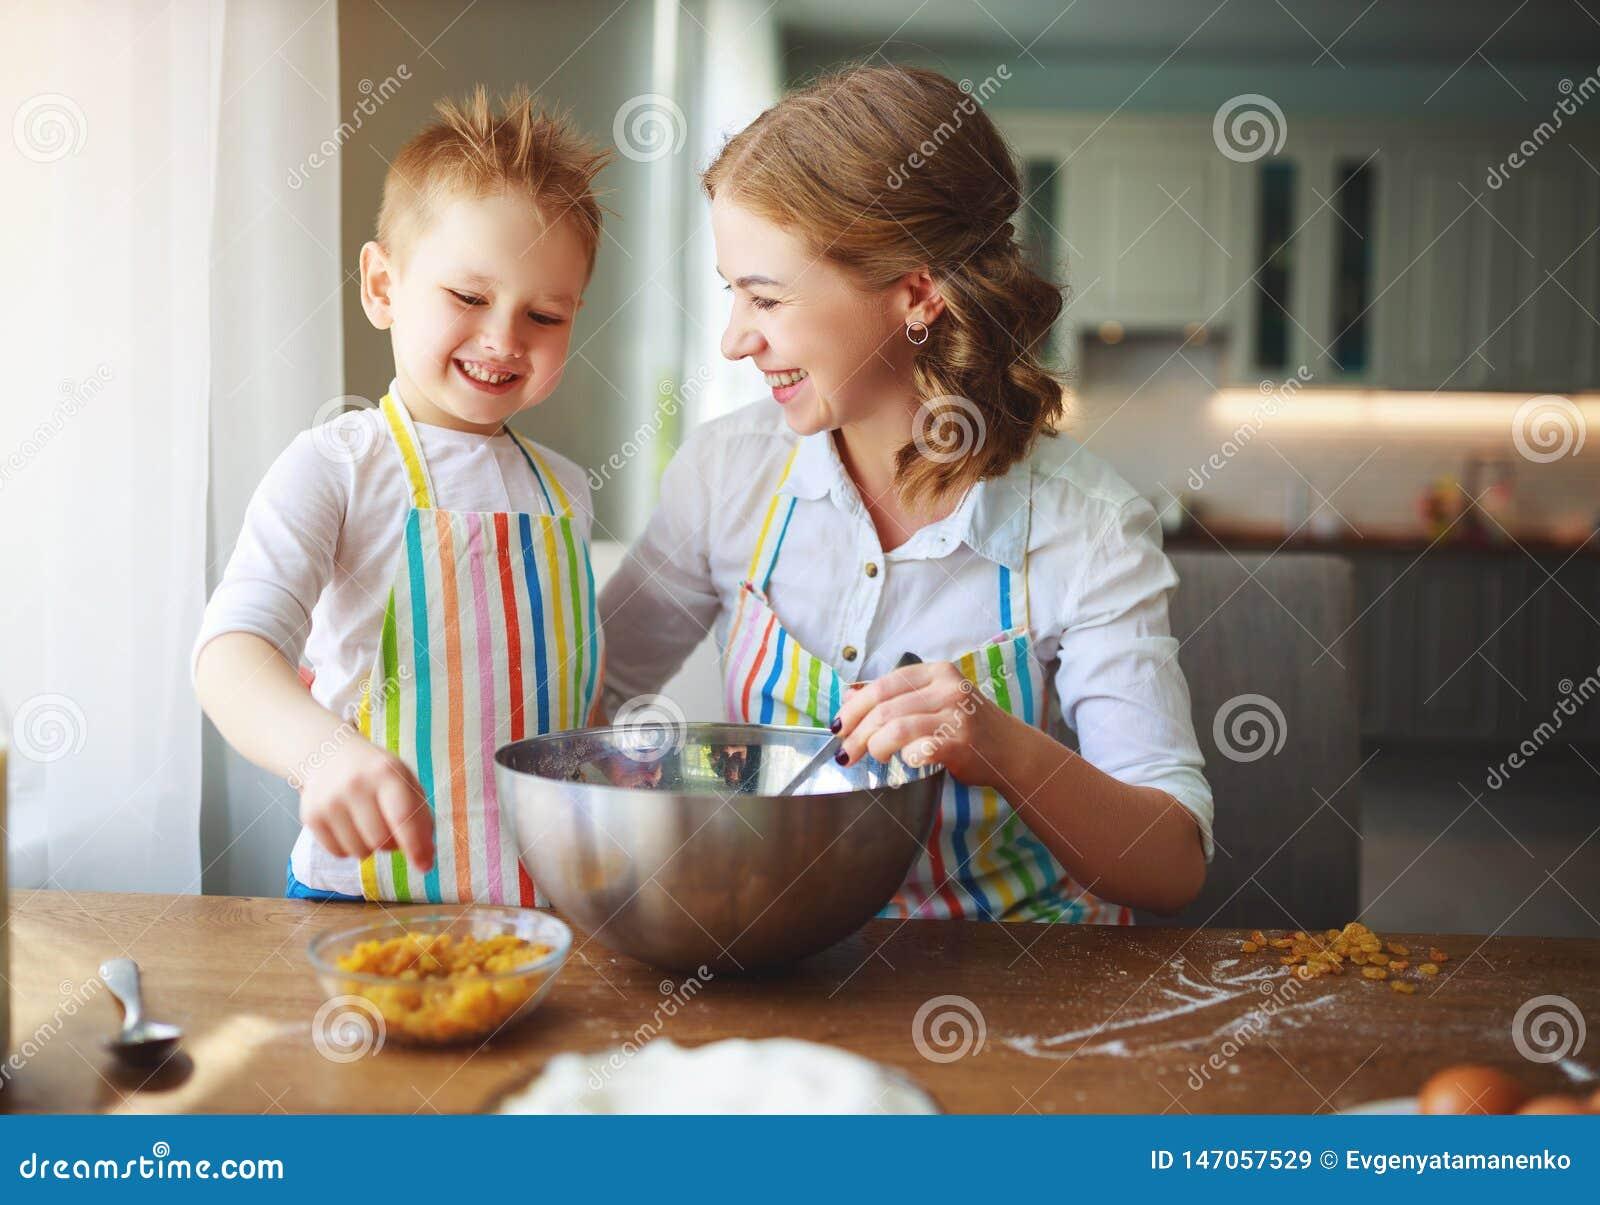 Ευτυχής οικογένεια στην κουζίνα η μητέρα και το παιδί που προετοιμάζουν τη ζύμη, ψήνουν τα μπισκότα